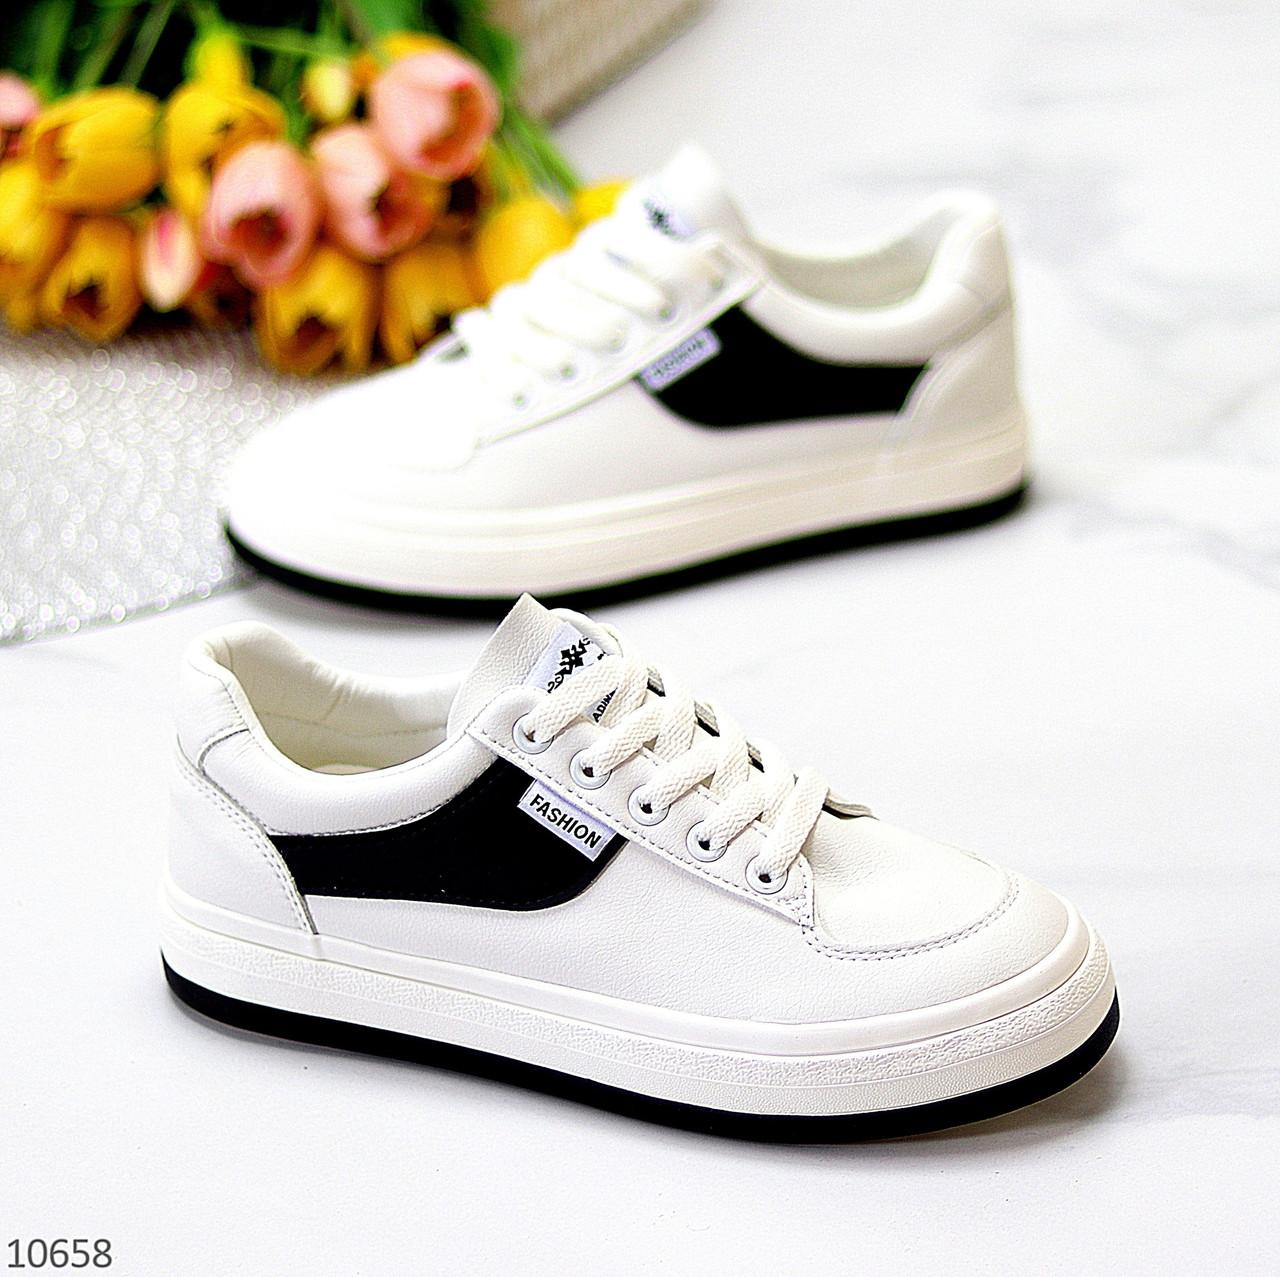 Люксові чорно - білі жіночі кросівки, кеди на шнурівці а асортименті